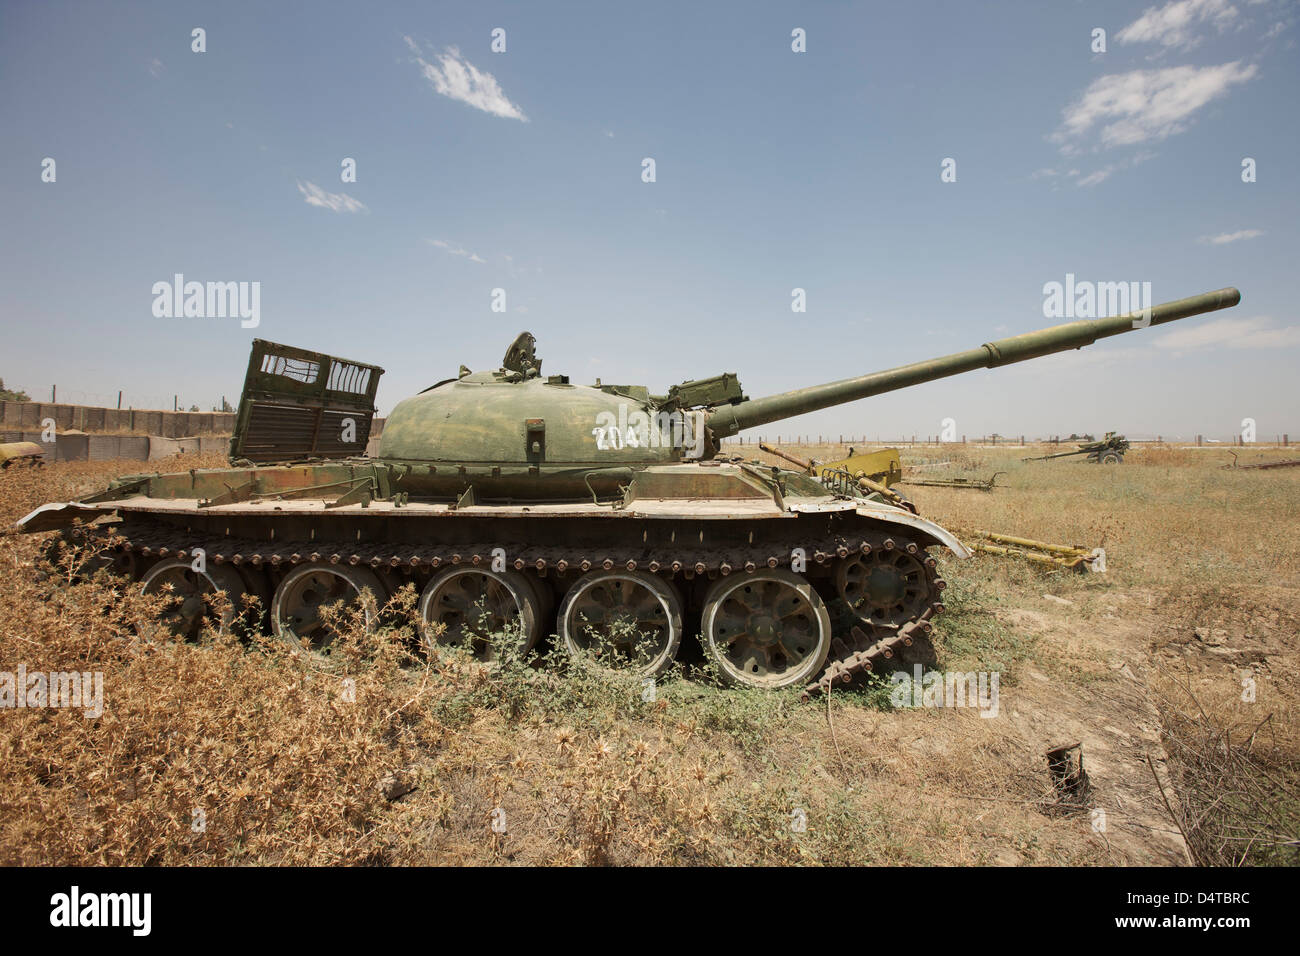 A Russian T-62 main battle tank rest in an armor junkyard in Kunduz, Afghanistan. - Stock Image